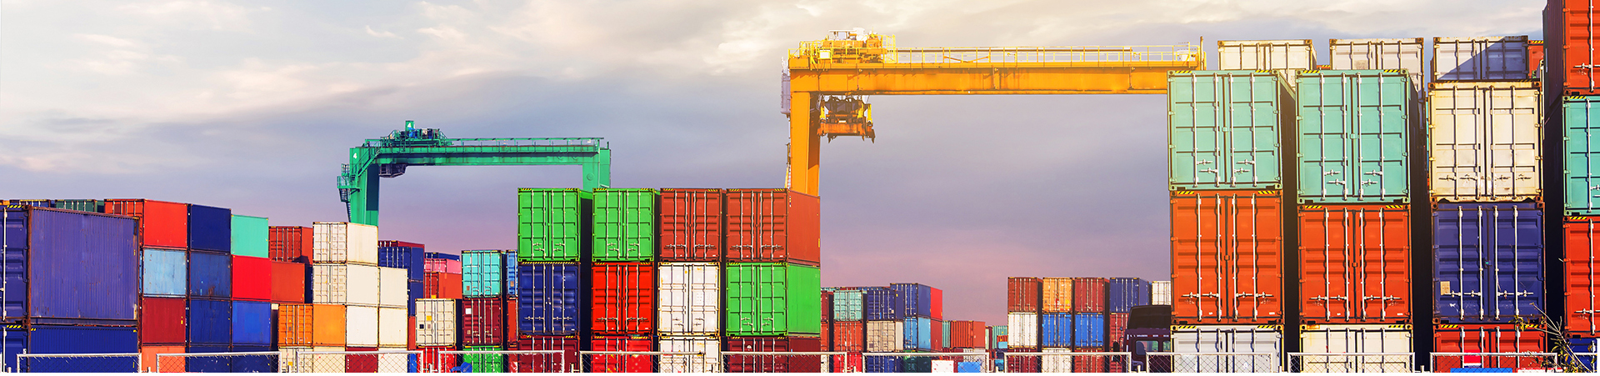 История контейнеров